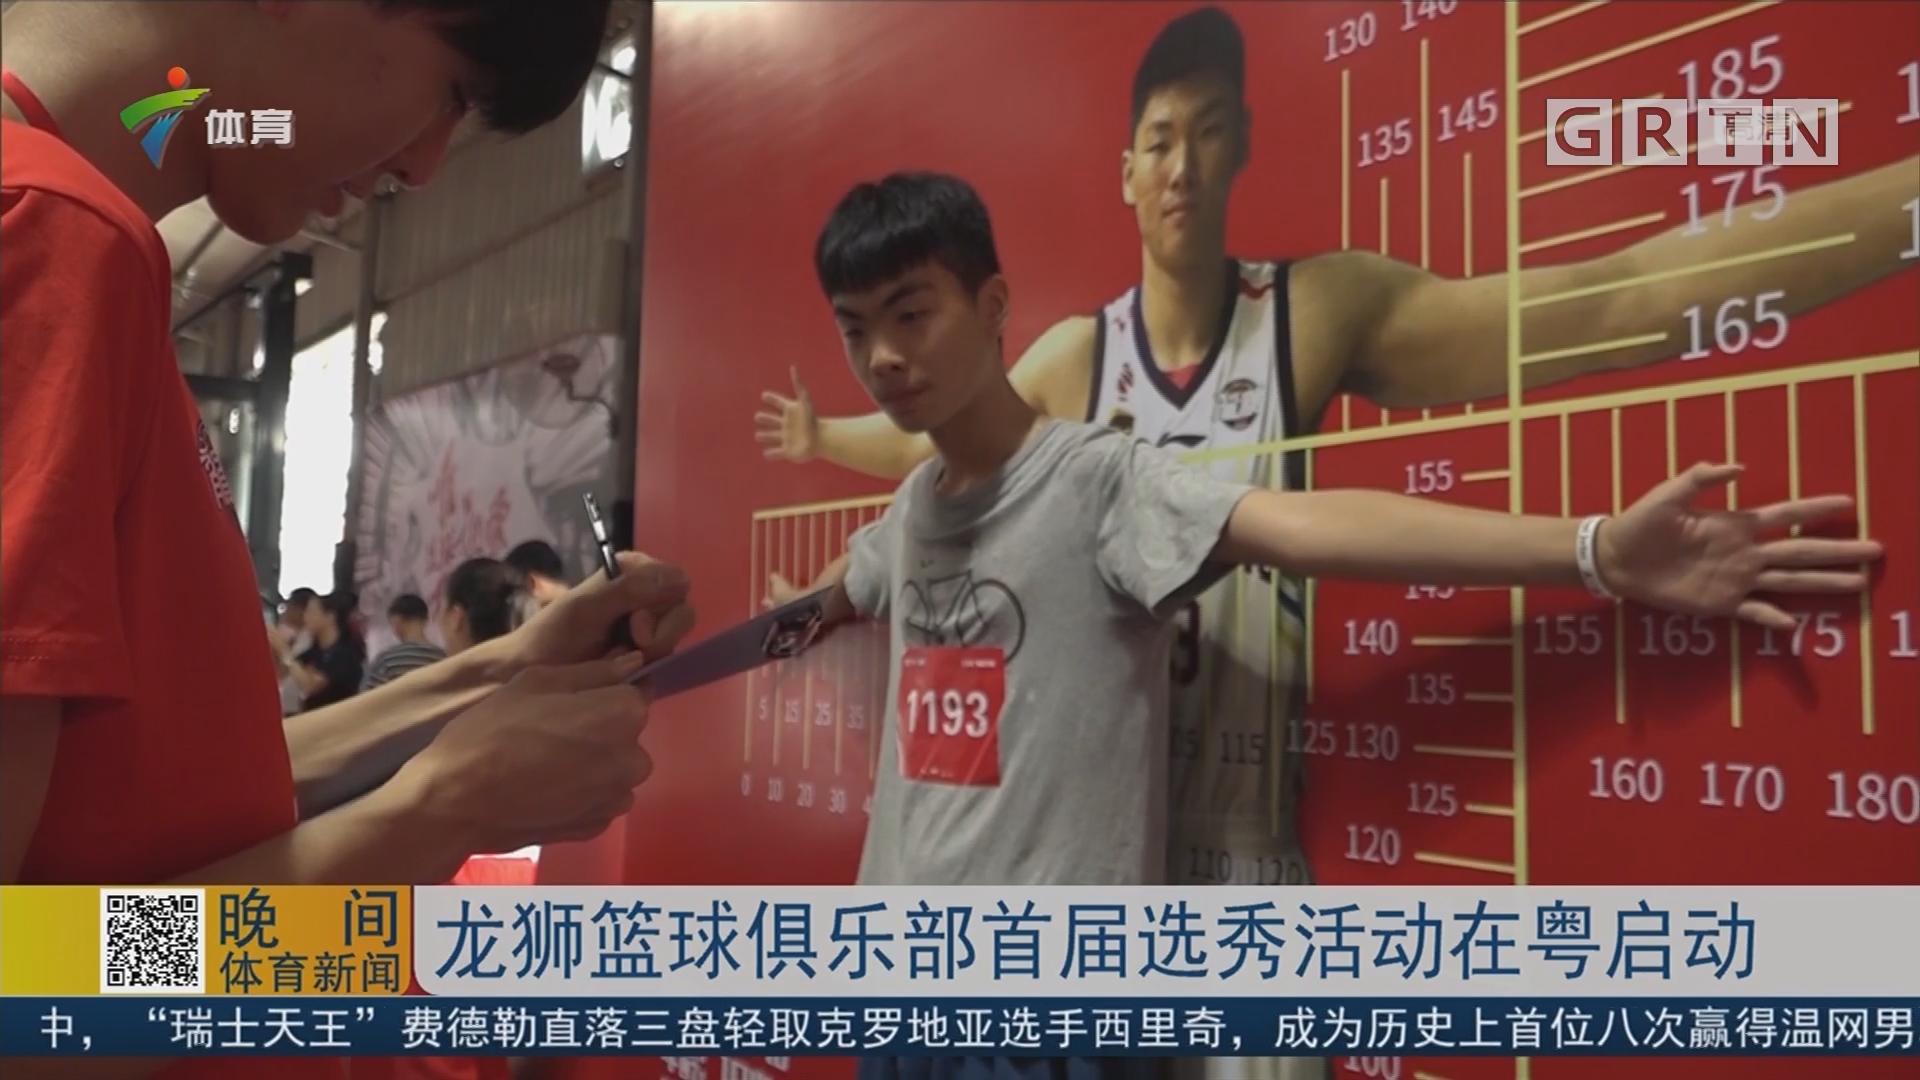 龙狮篮球俱乐部首届选秀活动在粤启动